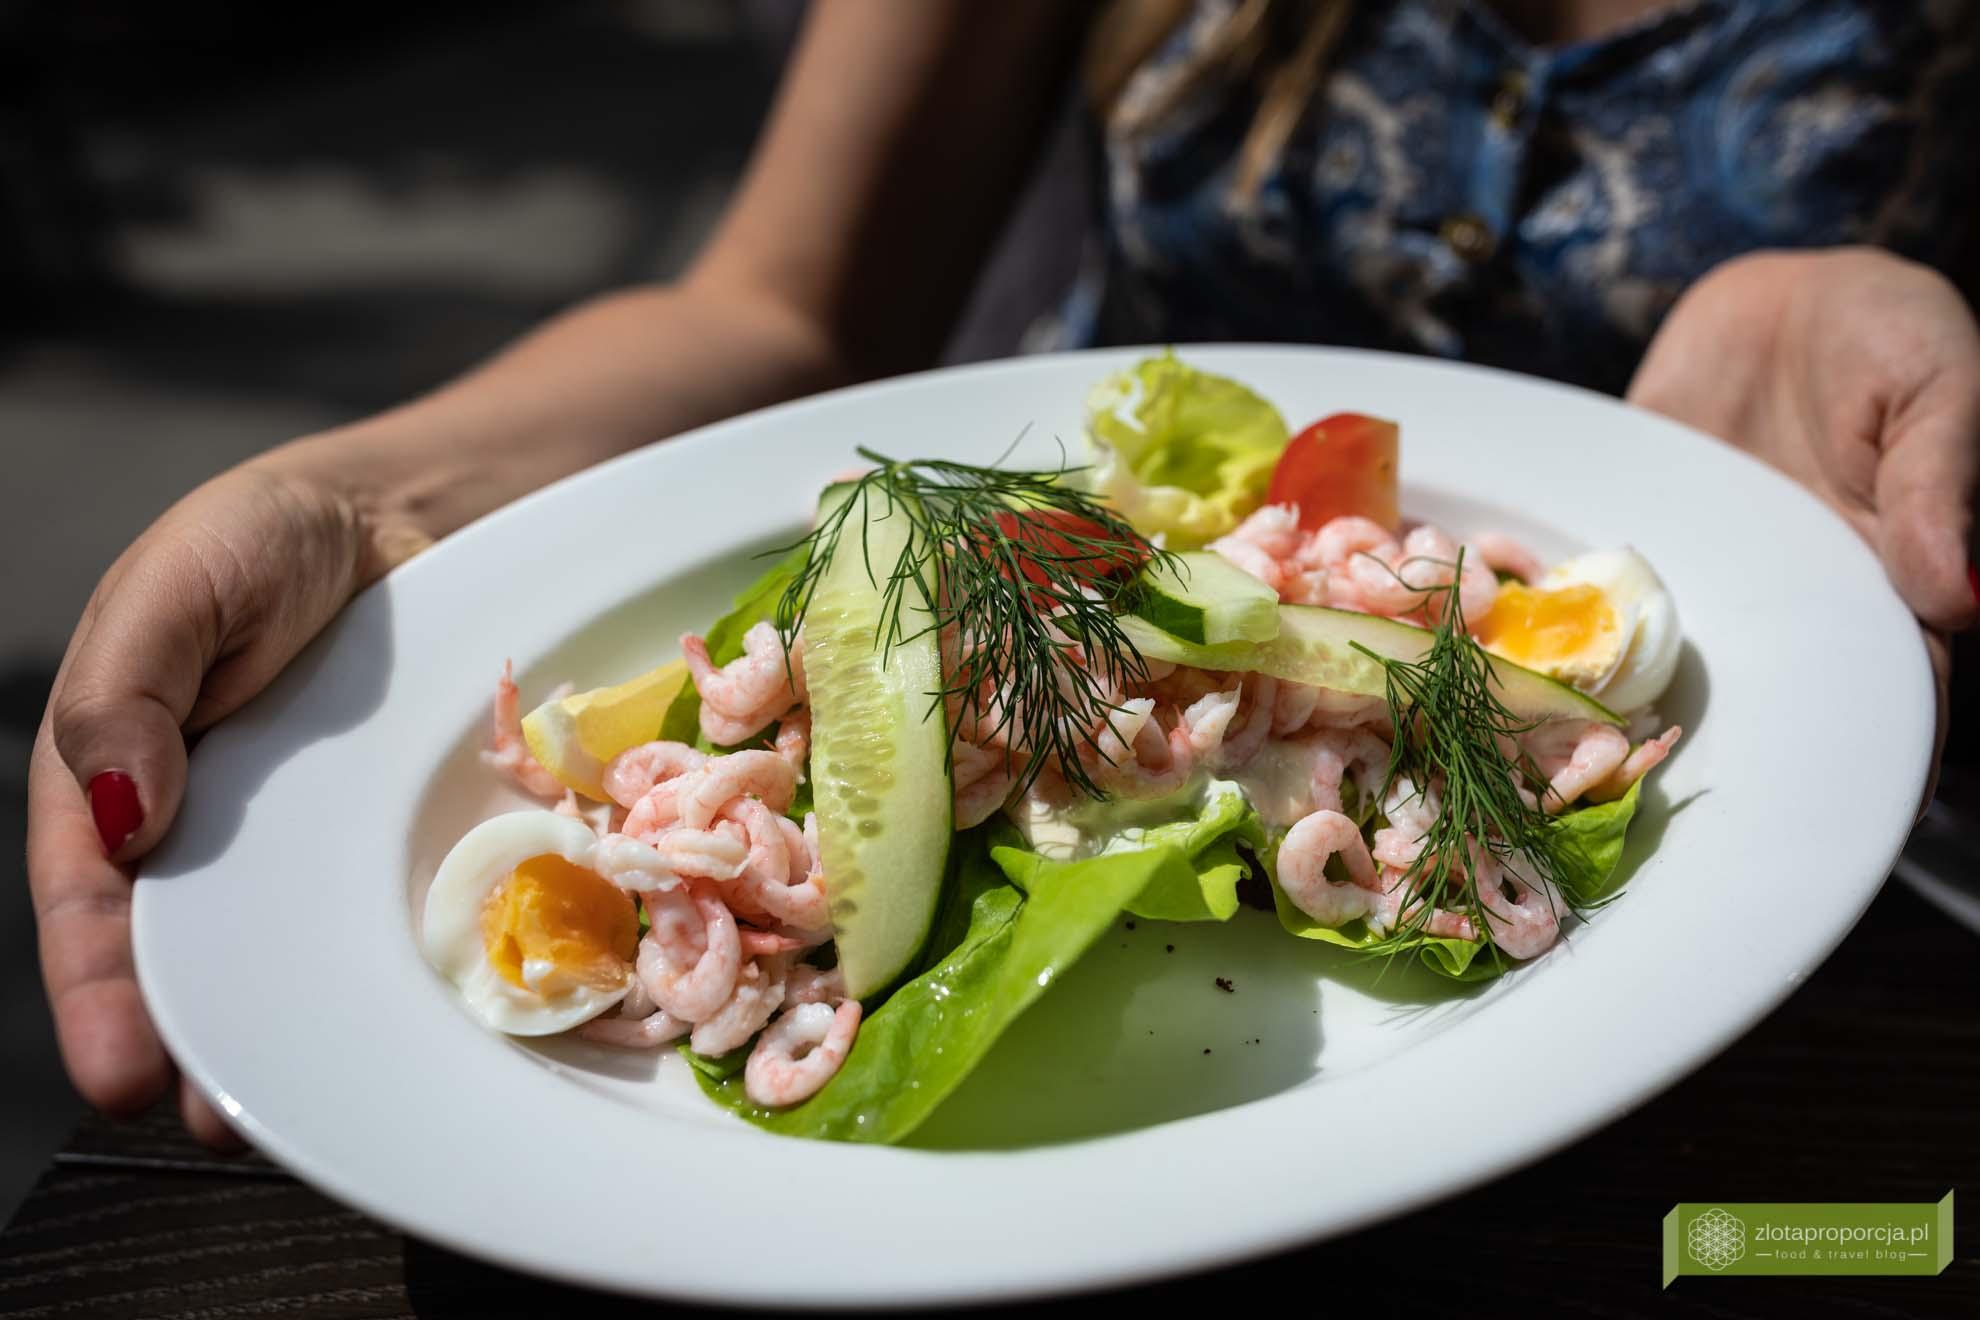 Skania, kuchnia Skanii; co zjeść w Skanii; kuchnia szwedzka; szwedzkie potrawy; Lunds saluhall; Räksmörgås, szwedzka kanapka z krewetkami